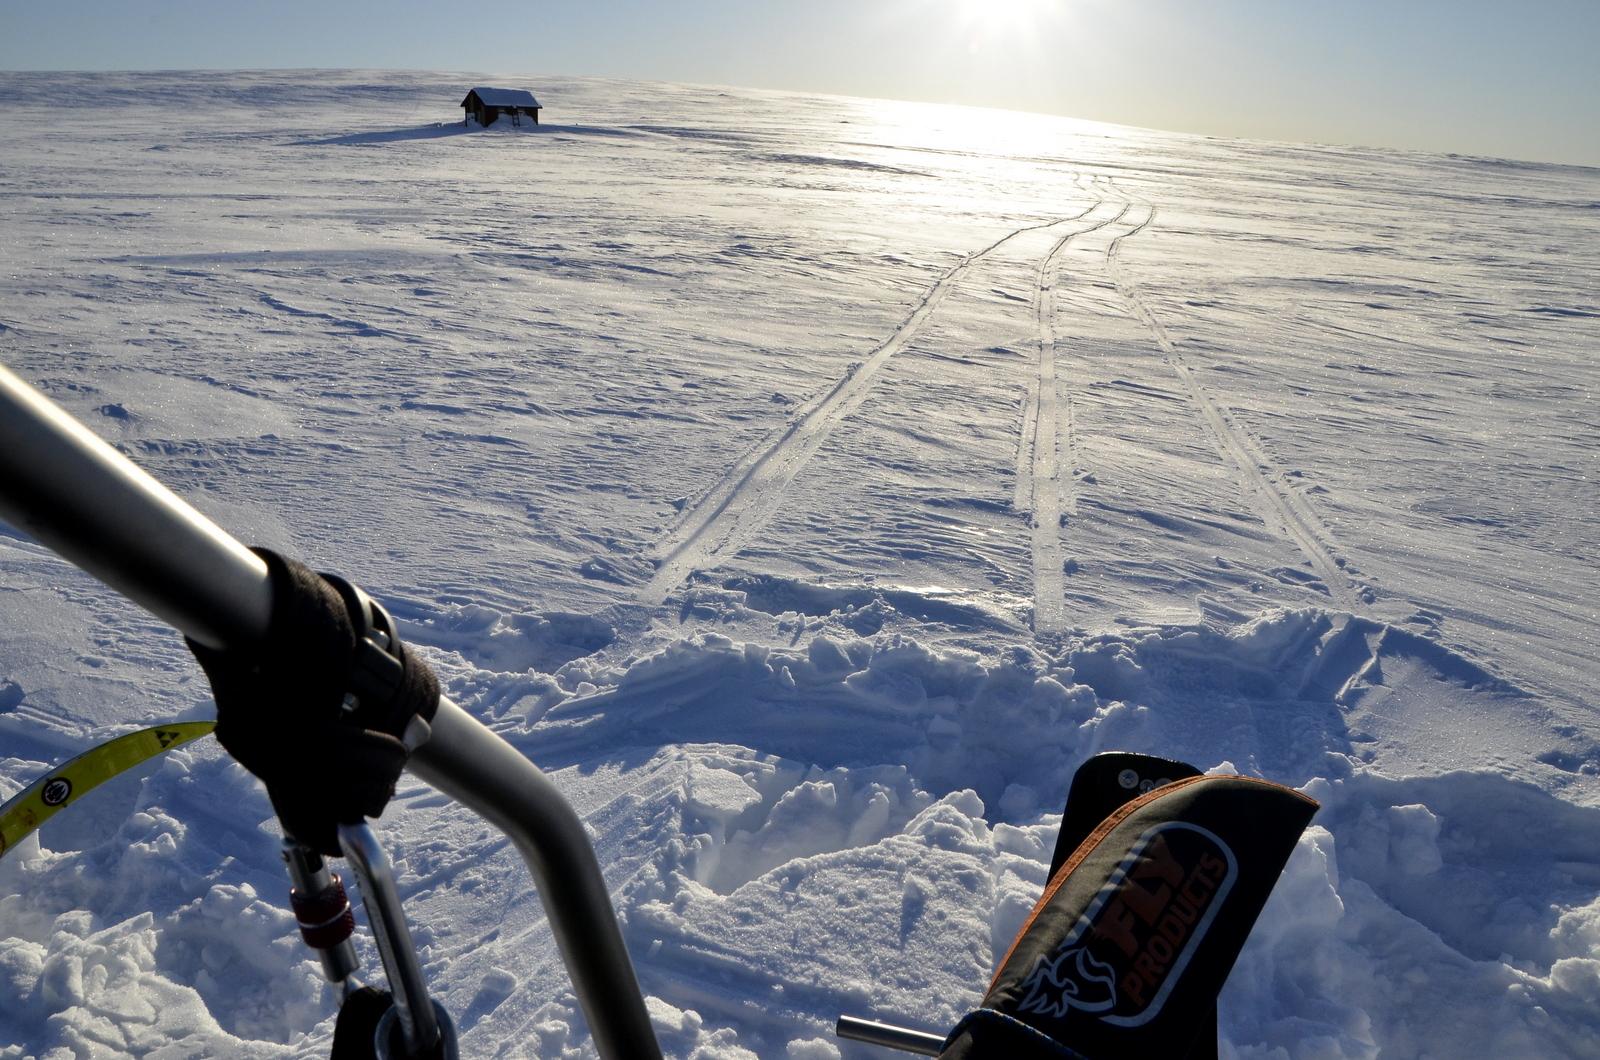 Kun olin palannut hiihtämästä, niin paloi mieli lentämään ja kuvailemaan maisemia ennen auringon laskua.